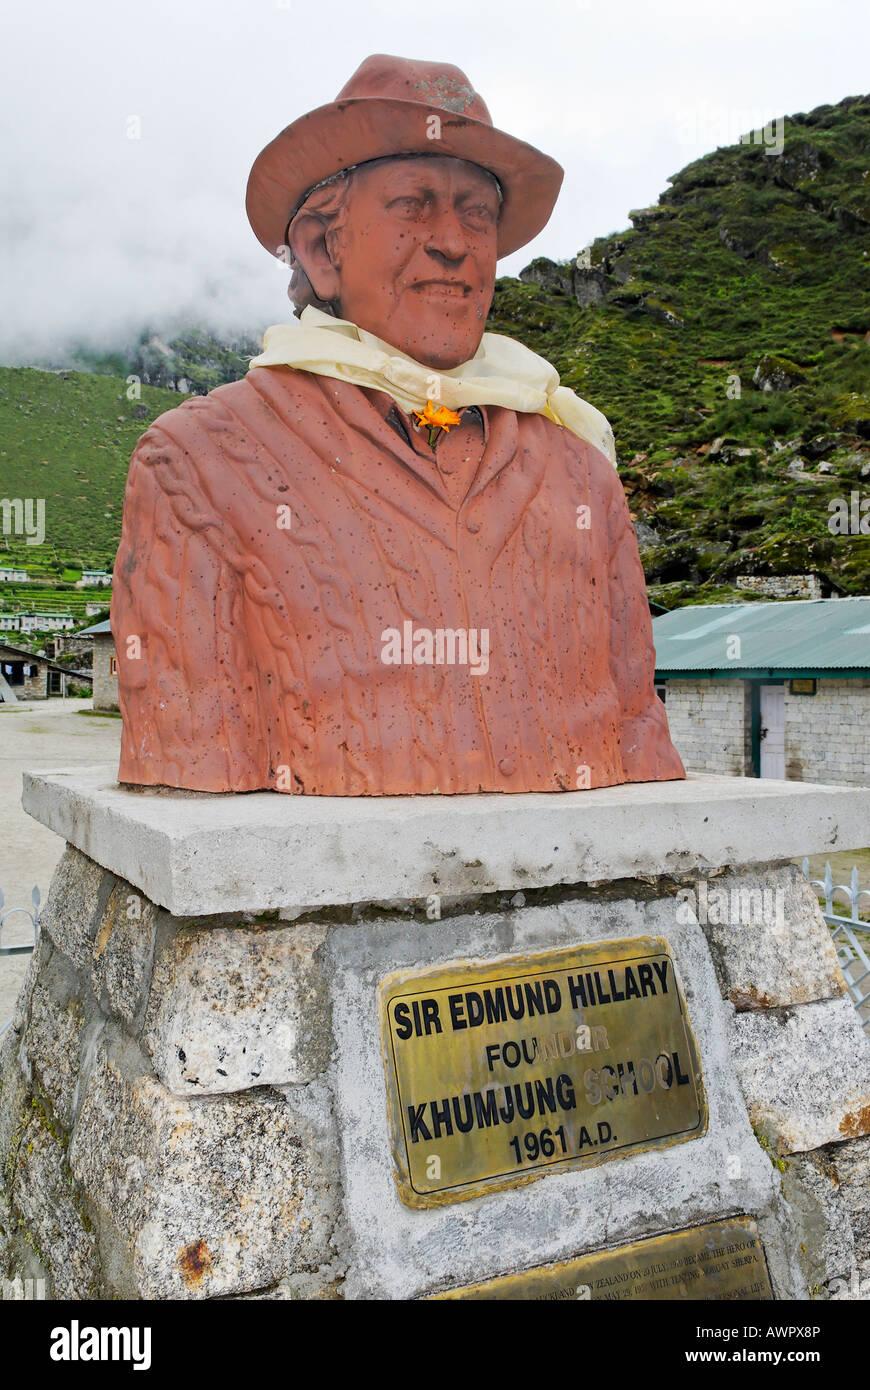 Monument for Sir Edmund Hillary, Khumjung, Sagarmatha National Park, Mount Everest region, Solukhumbu, Khumbu, Nepal - Stock Image